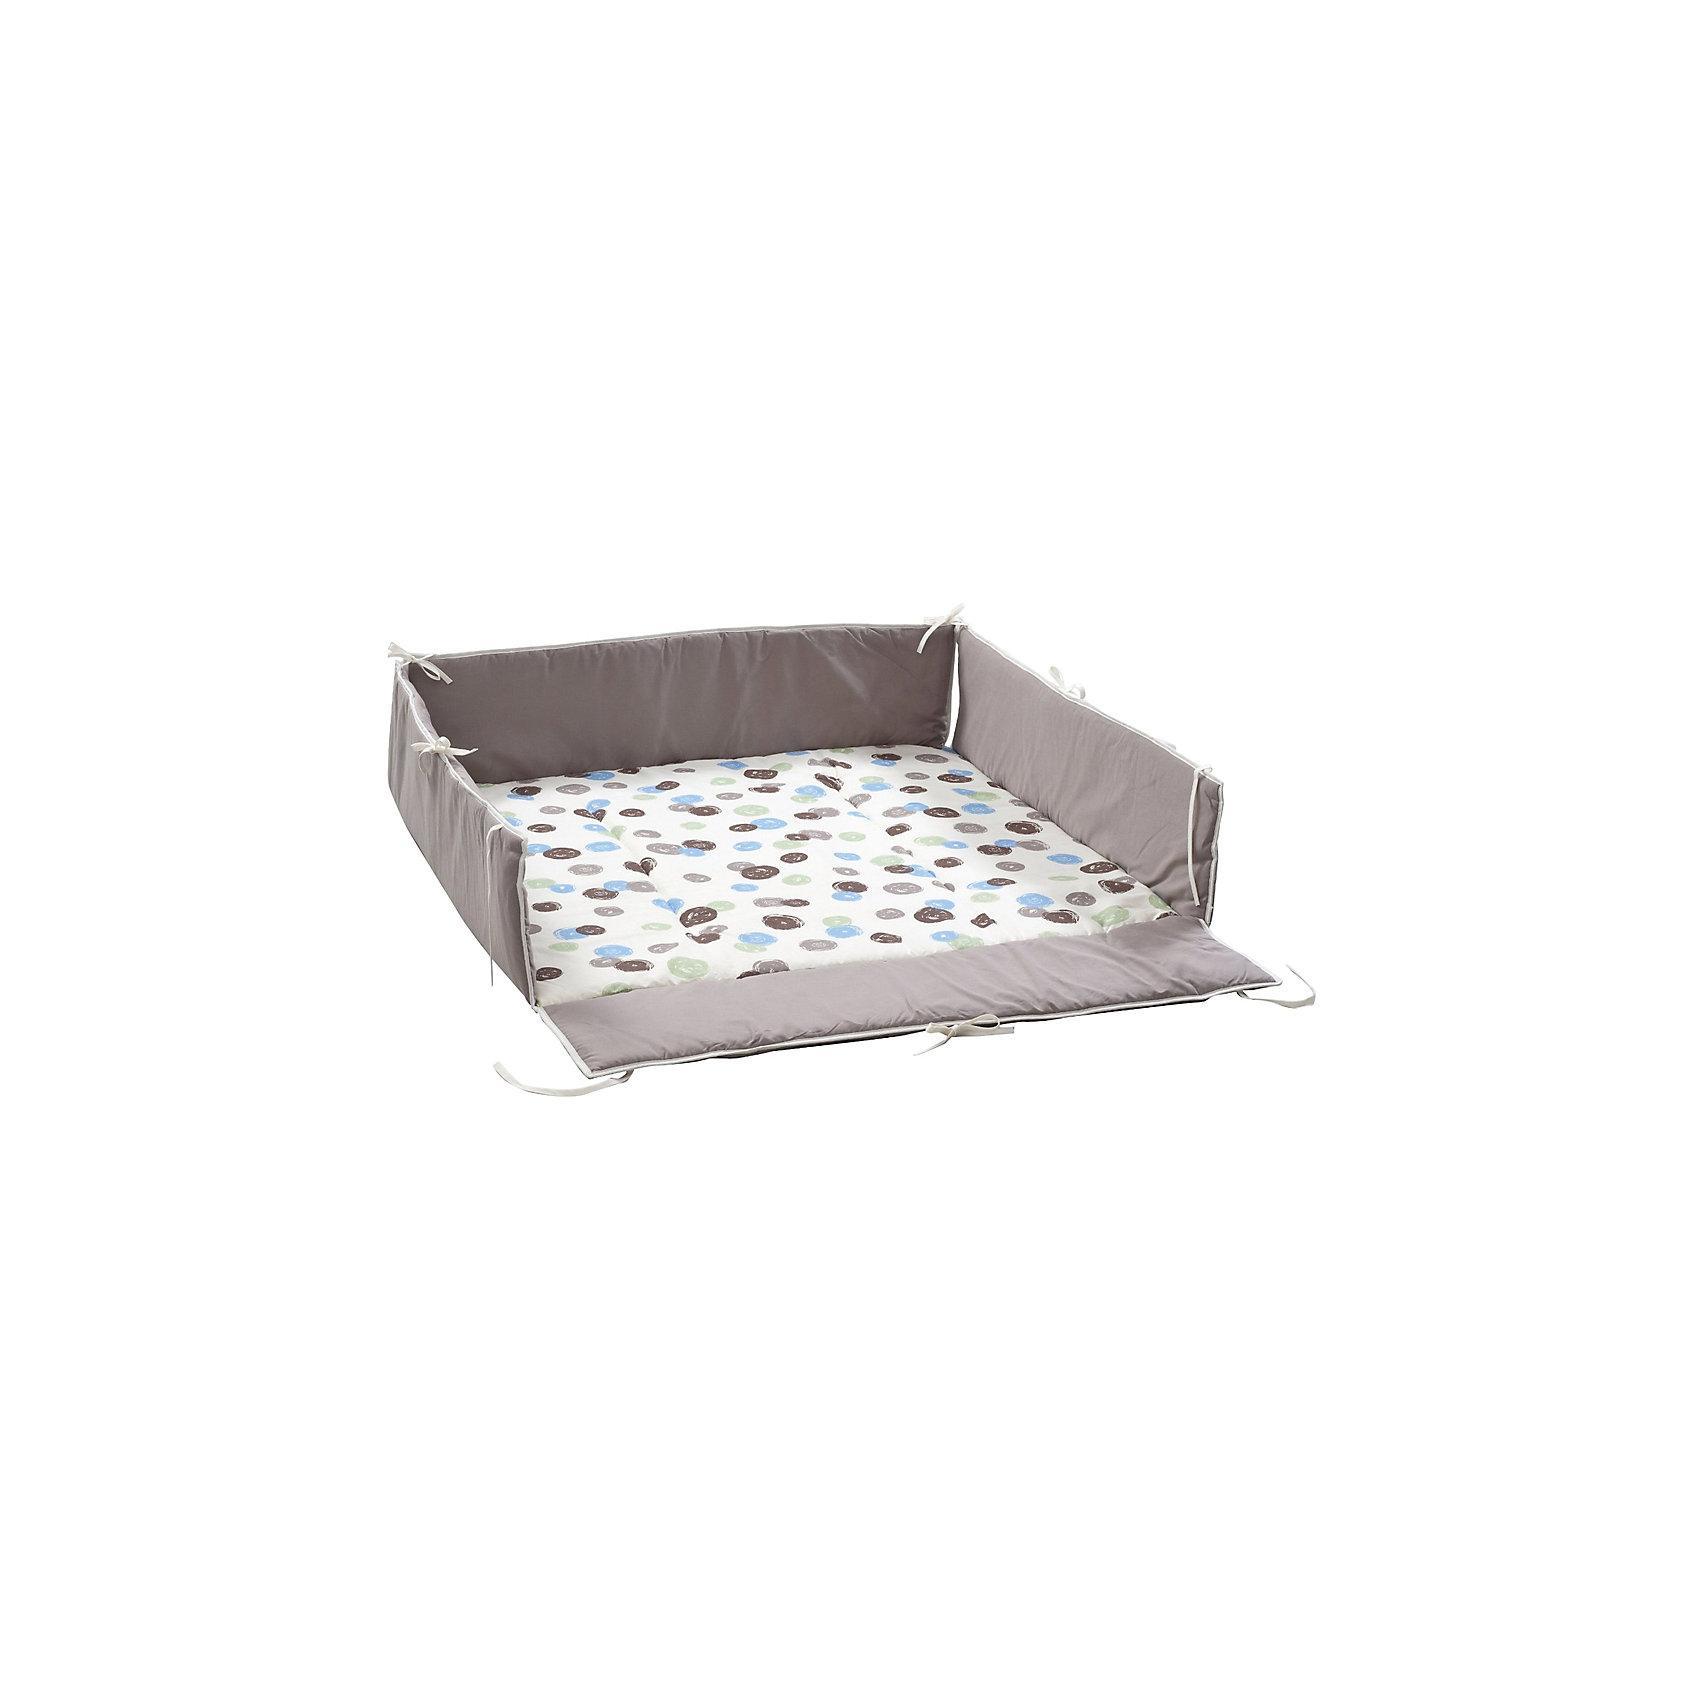 Geuther Бампер, простыня для кровати-манеж Lucilee, Geuther выдвижные кровати для двоих детей